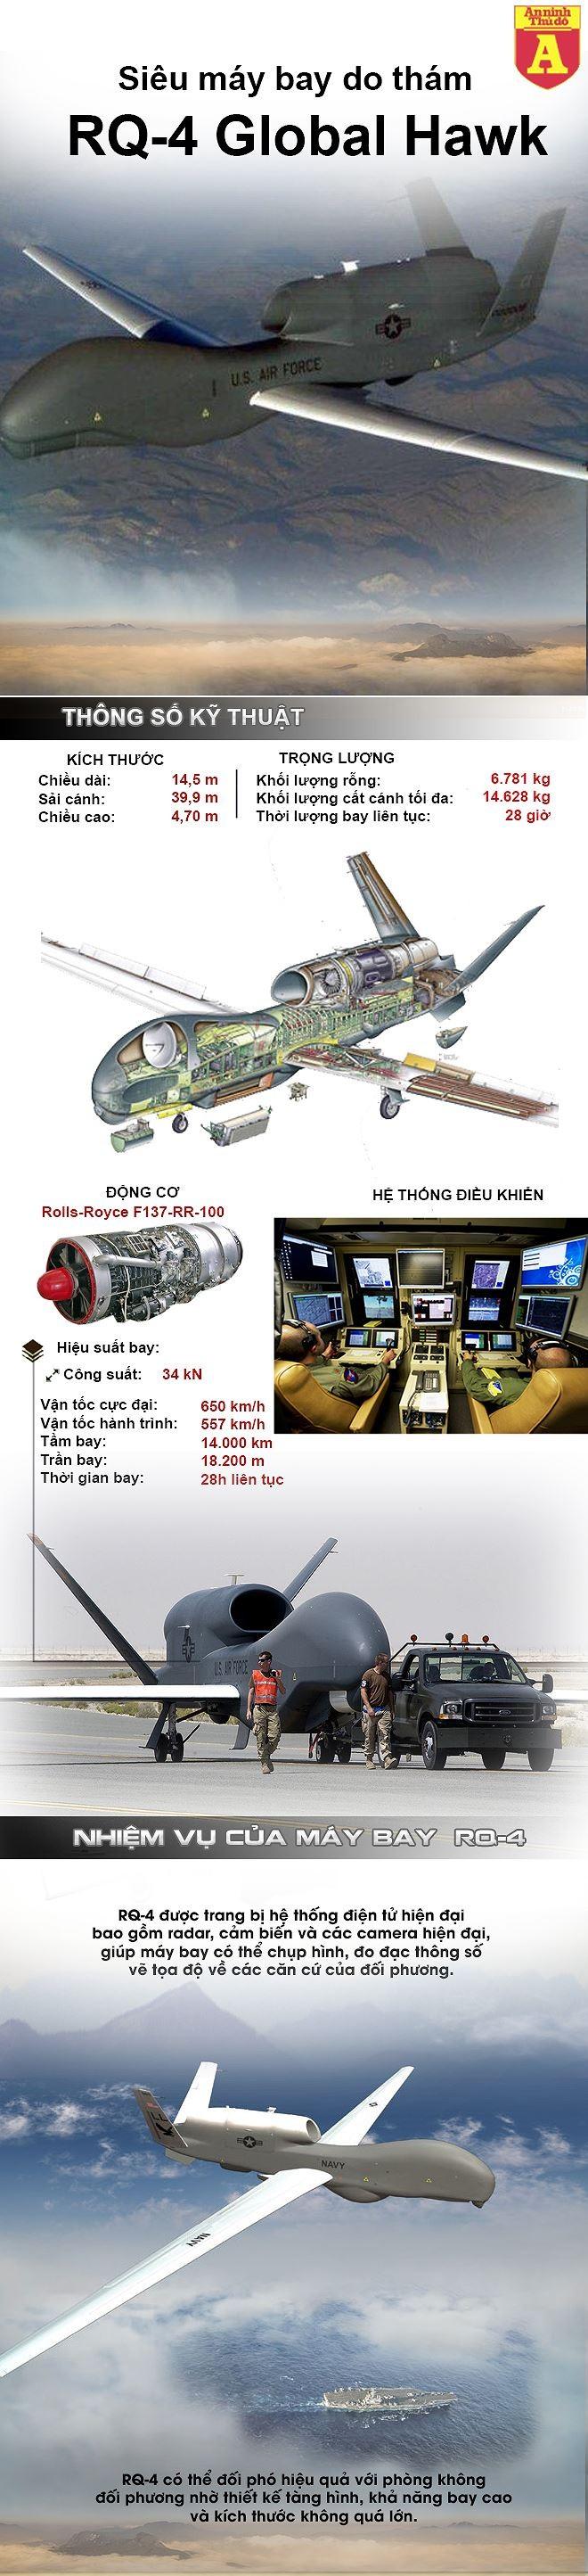 """[ĐỒ HỌA] Nga lại nóng mặt khi Mỹ điều """"quái điểu"""" RQ-4 lượn lờ trên bầu trời Crimea ảnh 2"""